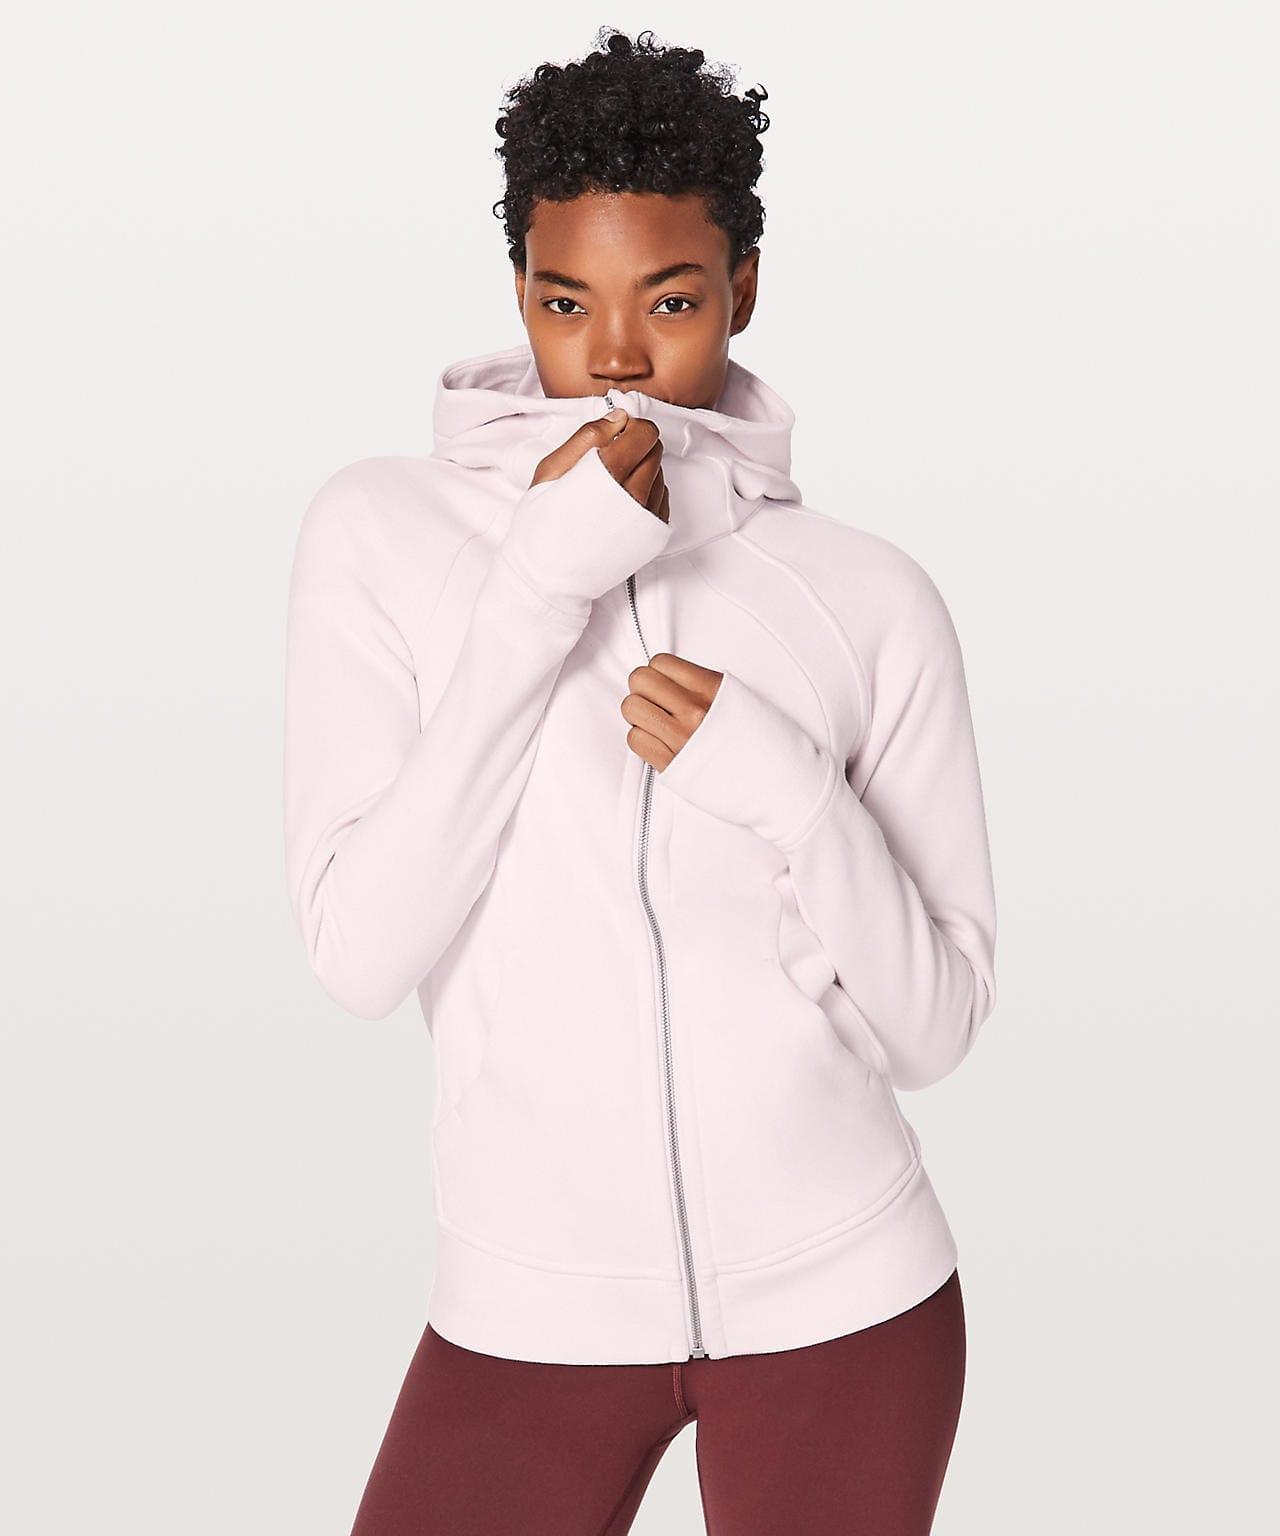 Scuba Hoodie Light Cotton Fleece